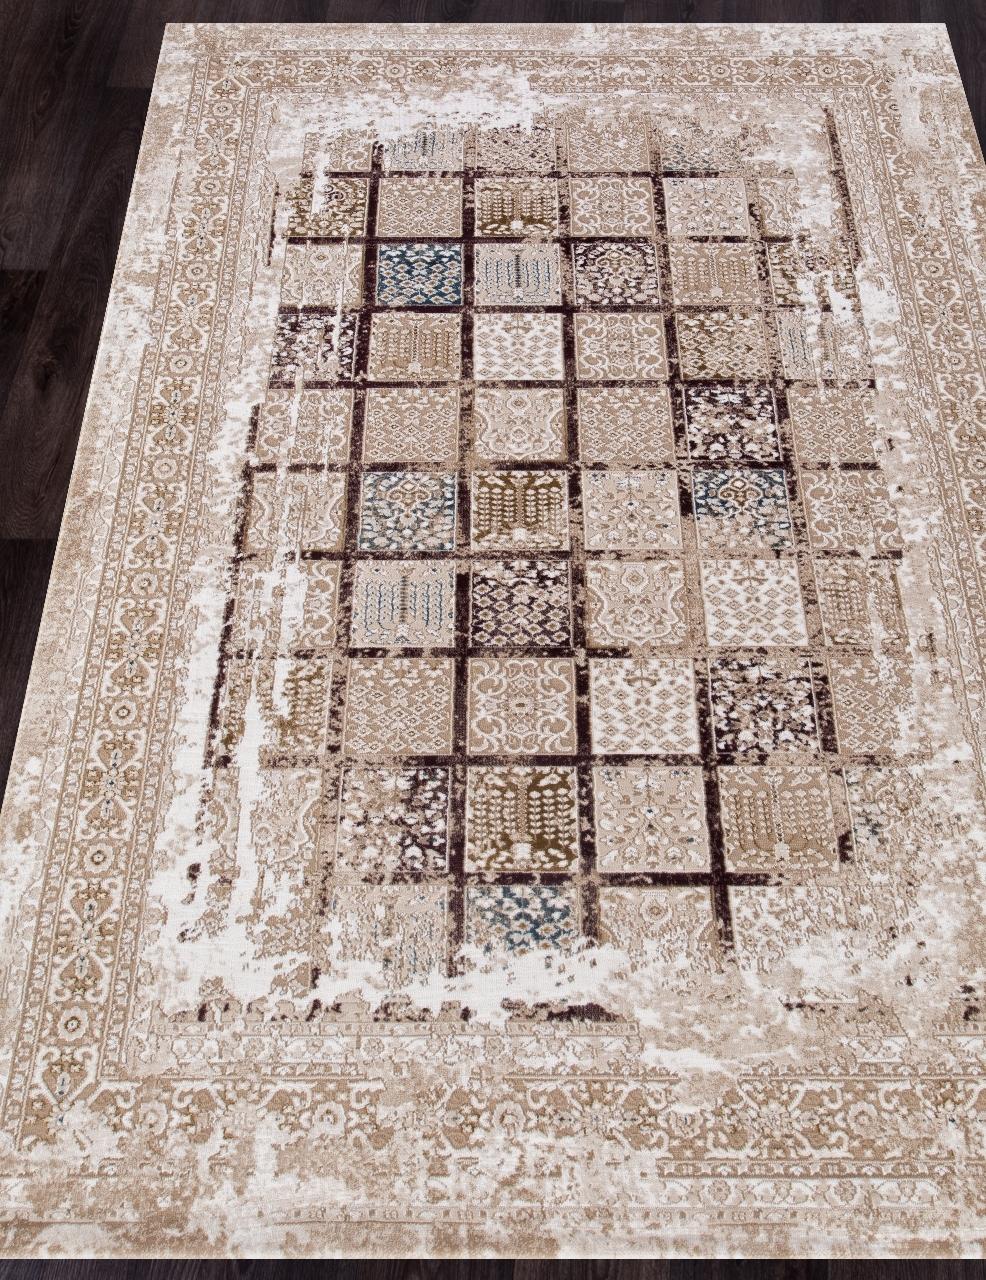 Ковер 03004B - BROWN / BROWN - Прямоугольник - коллекция QUANTUM